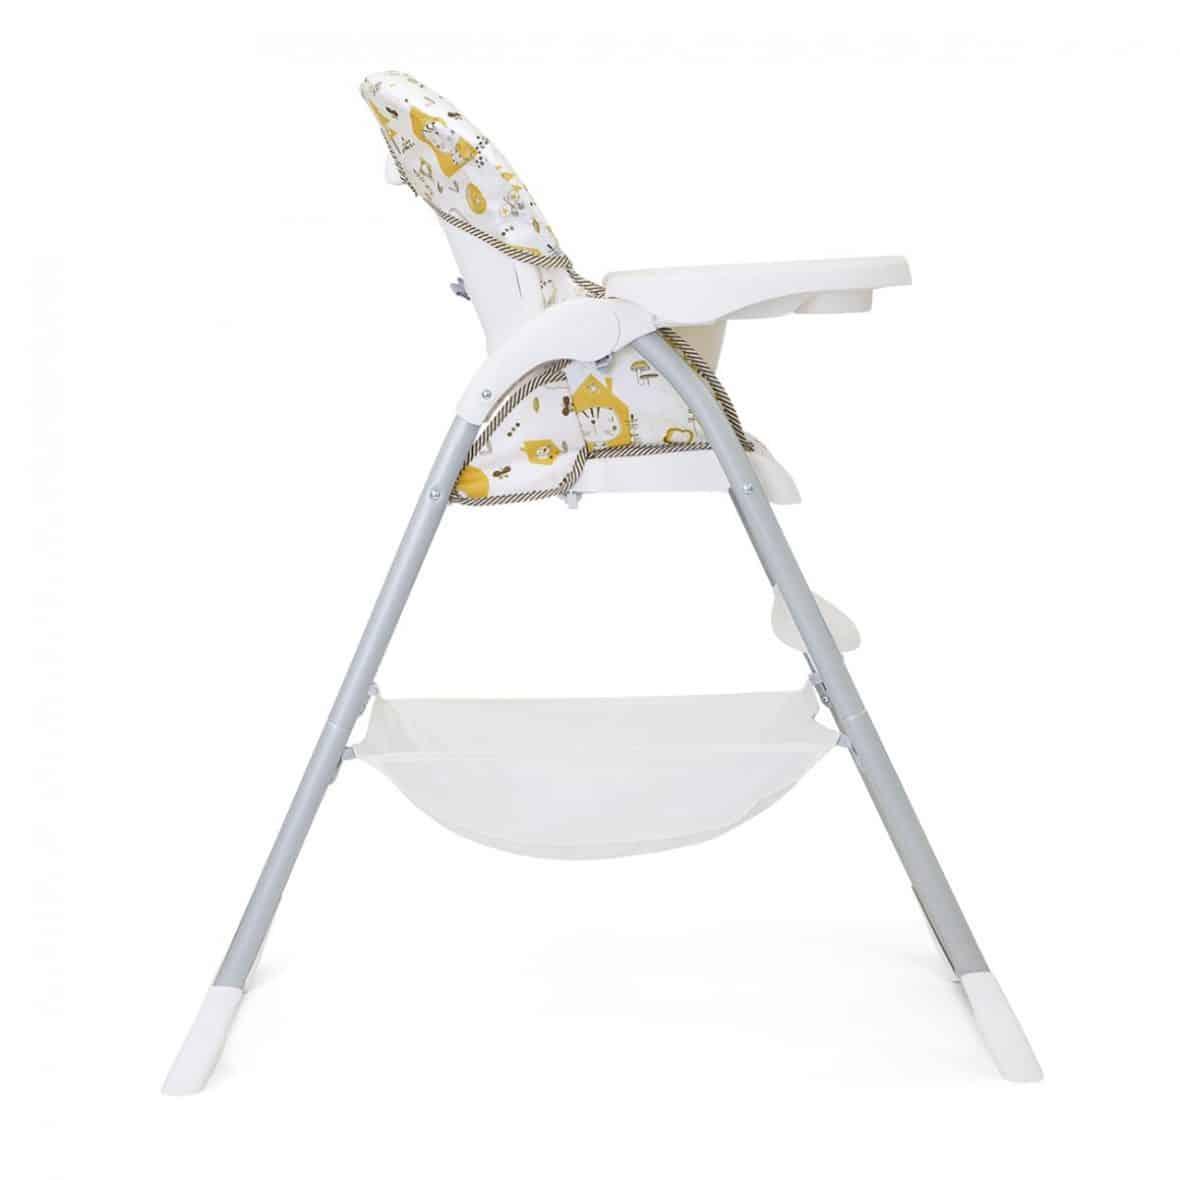 krzeselko-do-karmienia-joie-mimzy-snacker-coseyspaces-03